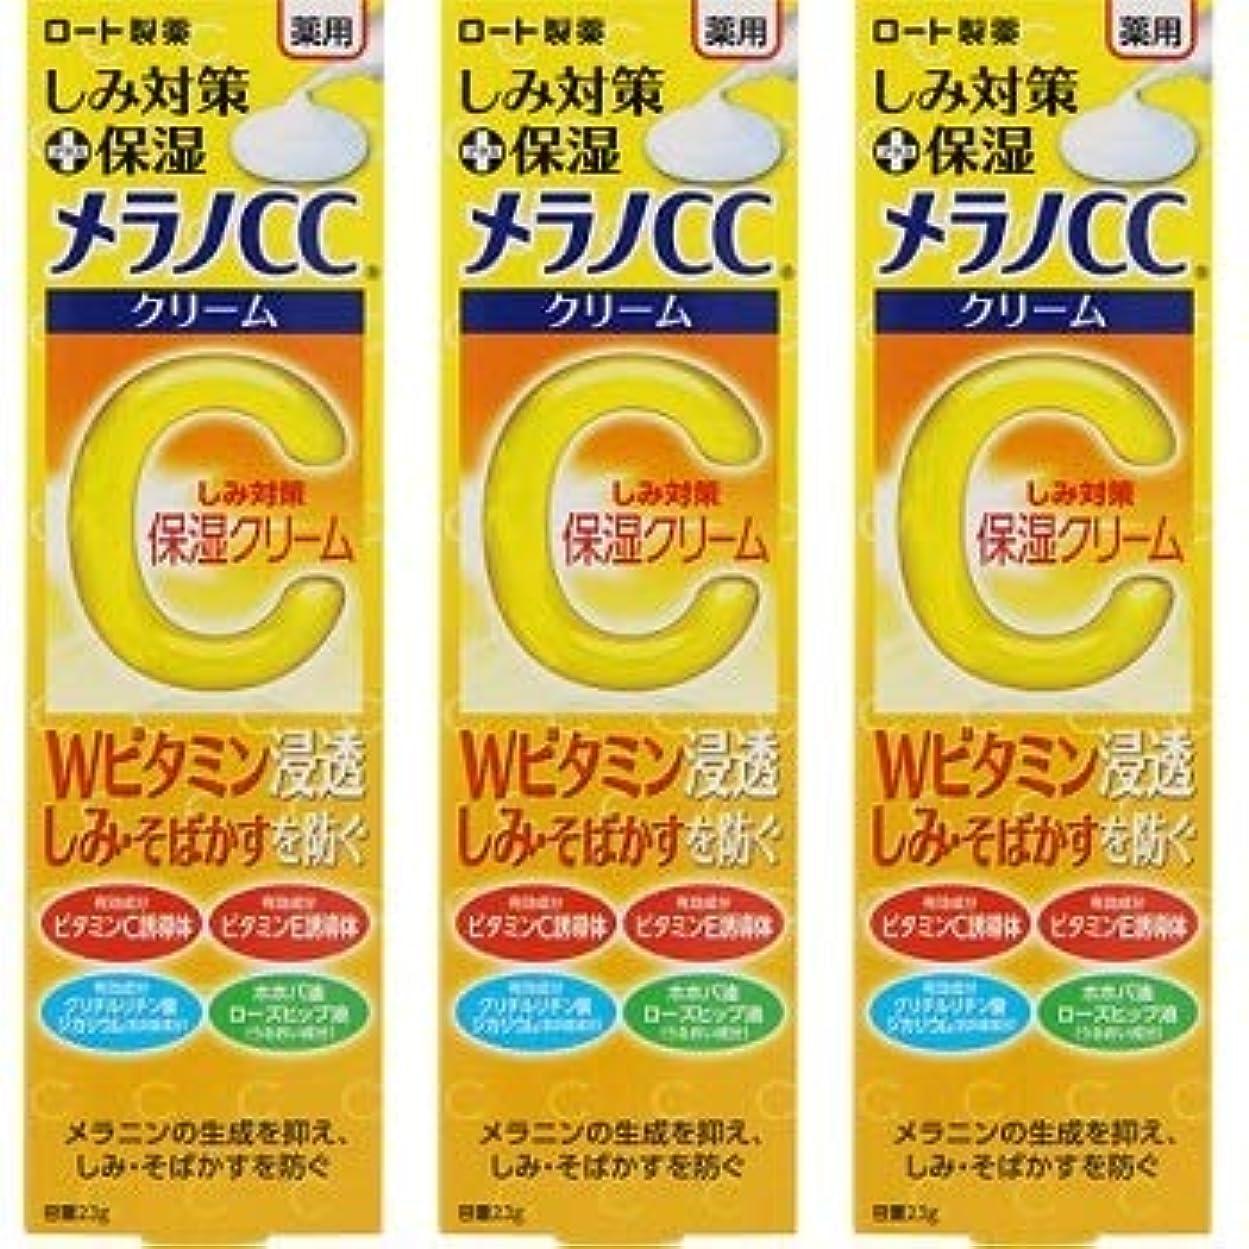 リフト王族流暢メラノCC 薬用しみ対策 保湿クリーム 23g×3個セット